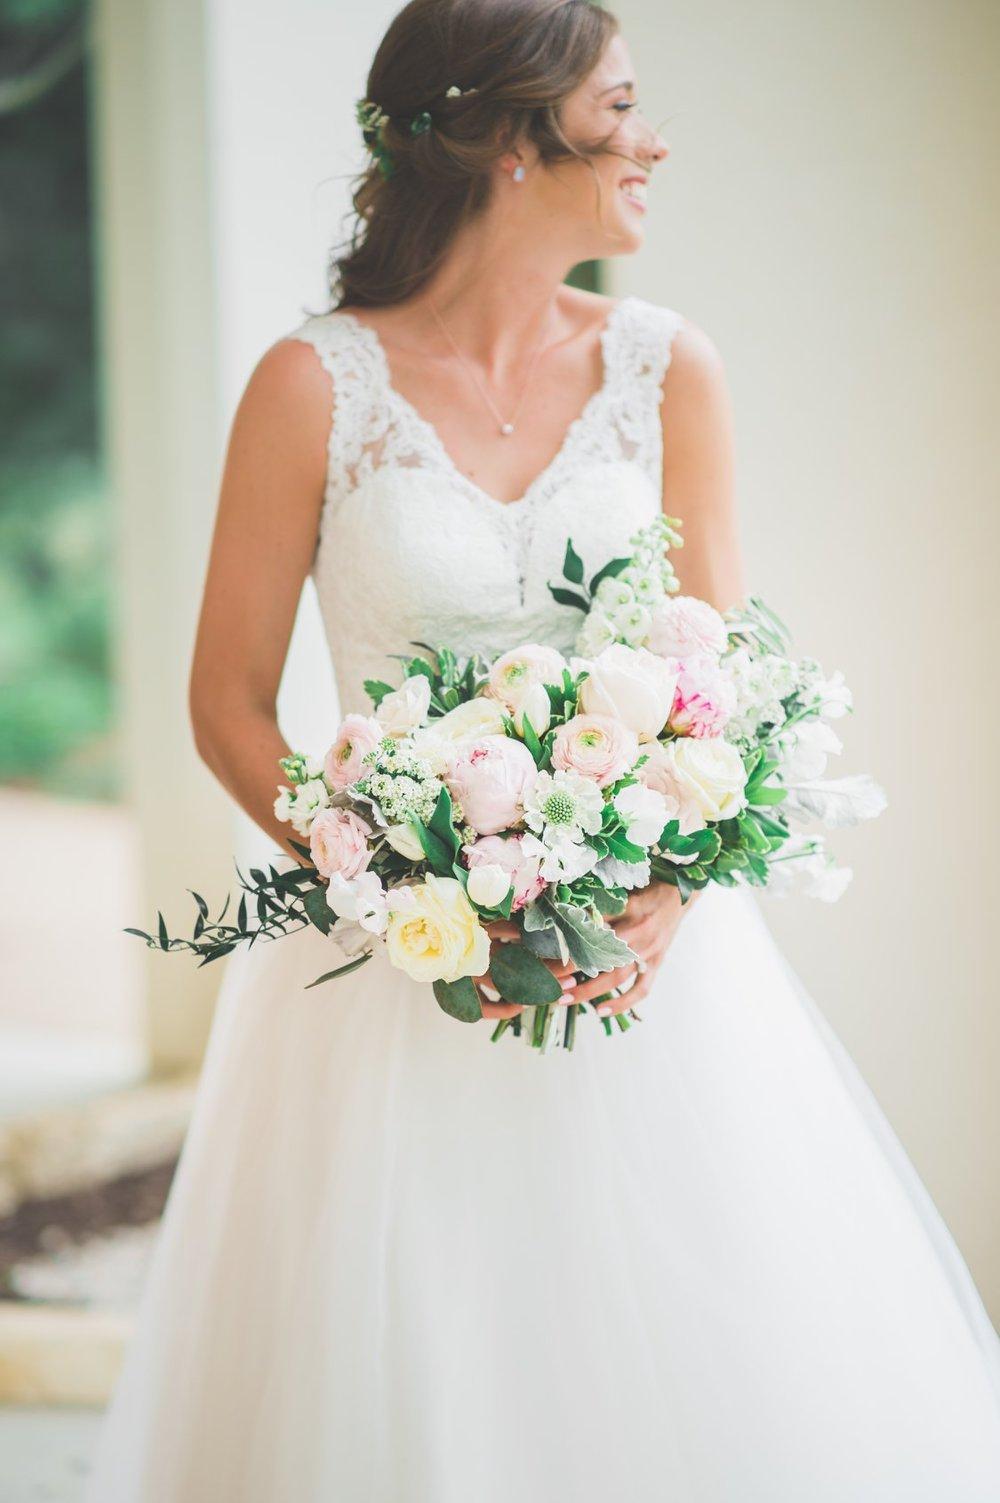 midlothian_wedding_pink_flowers_7.jpg